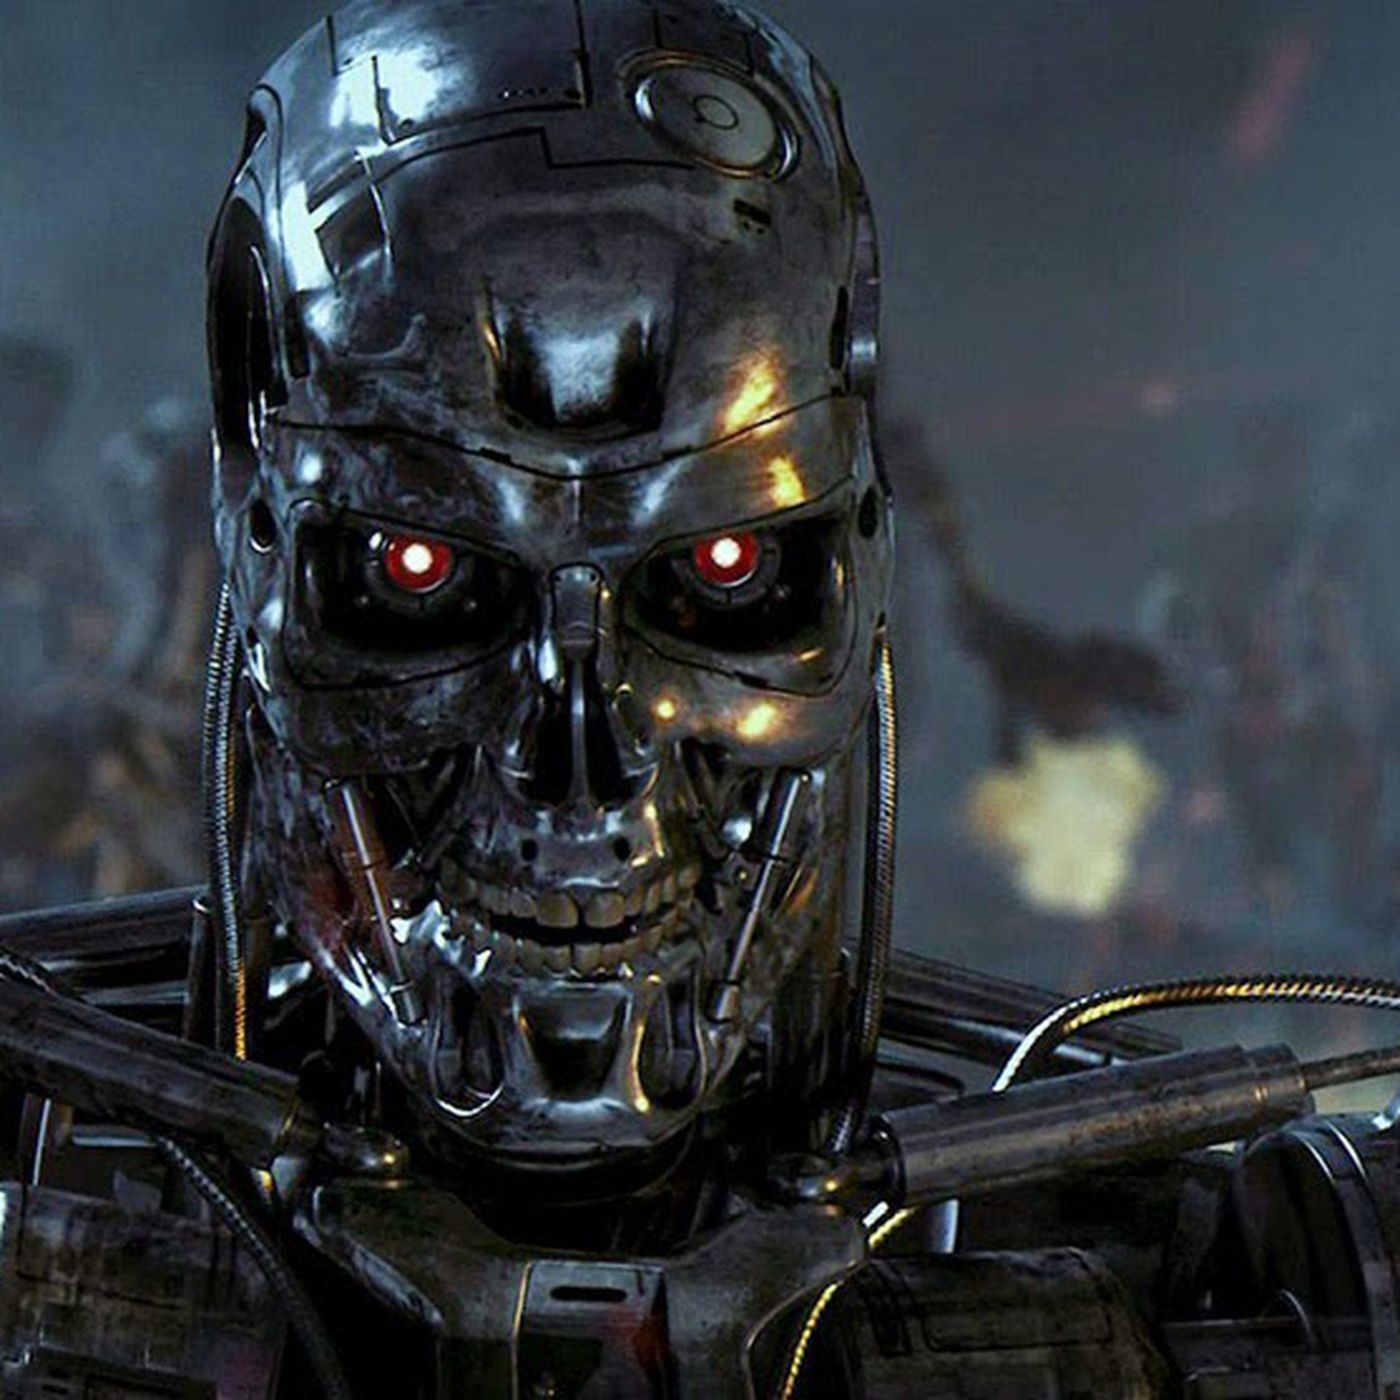 terminator-movie-terminator-5-genisys-.0.0